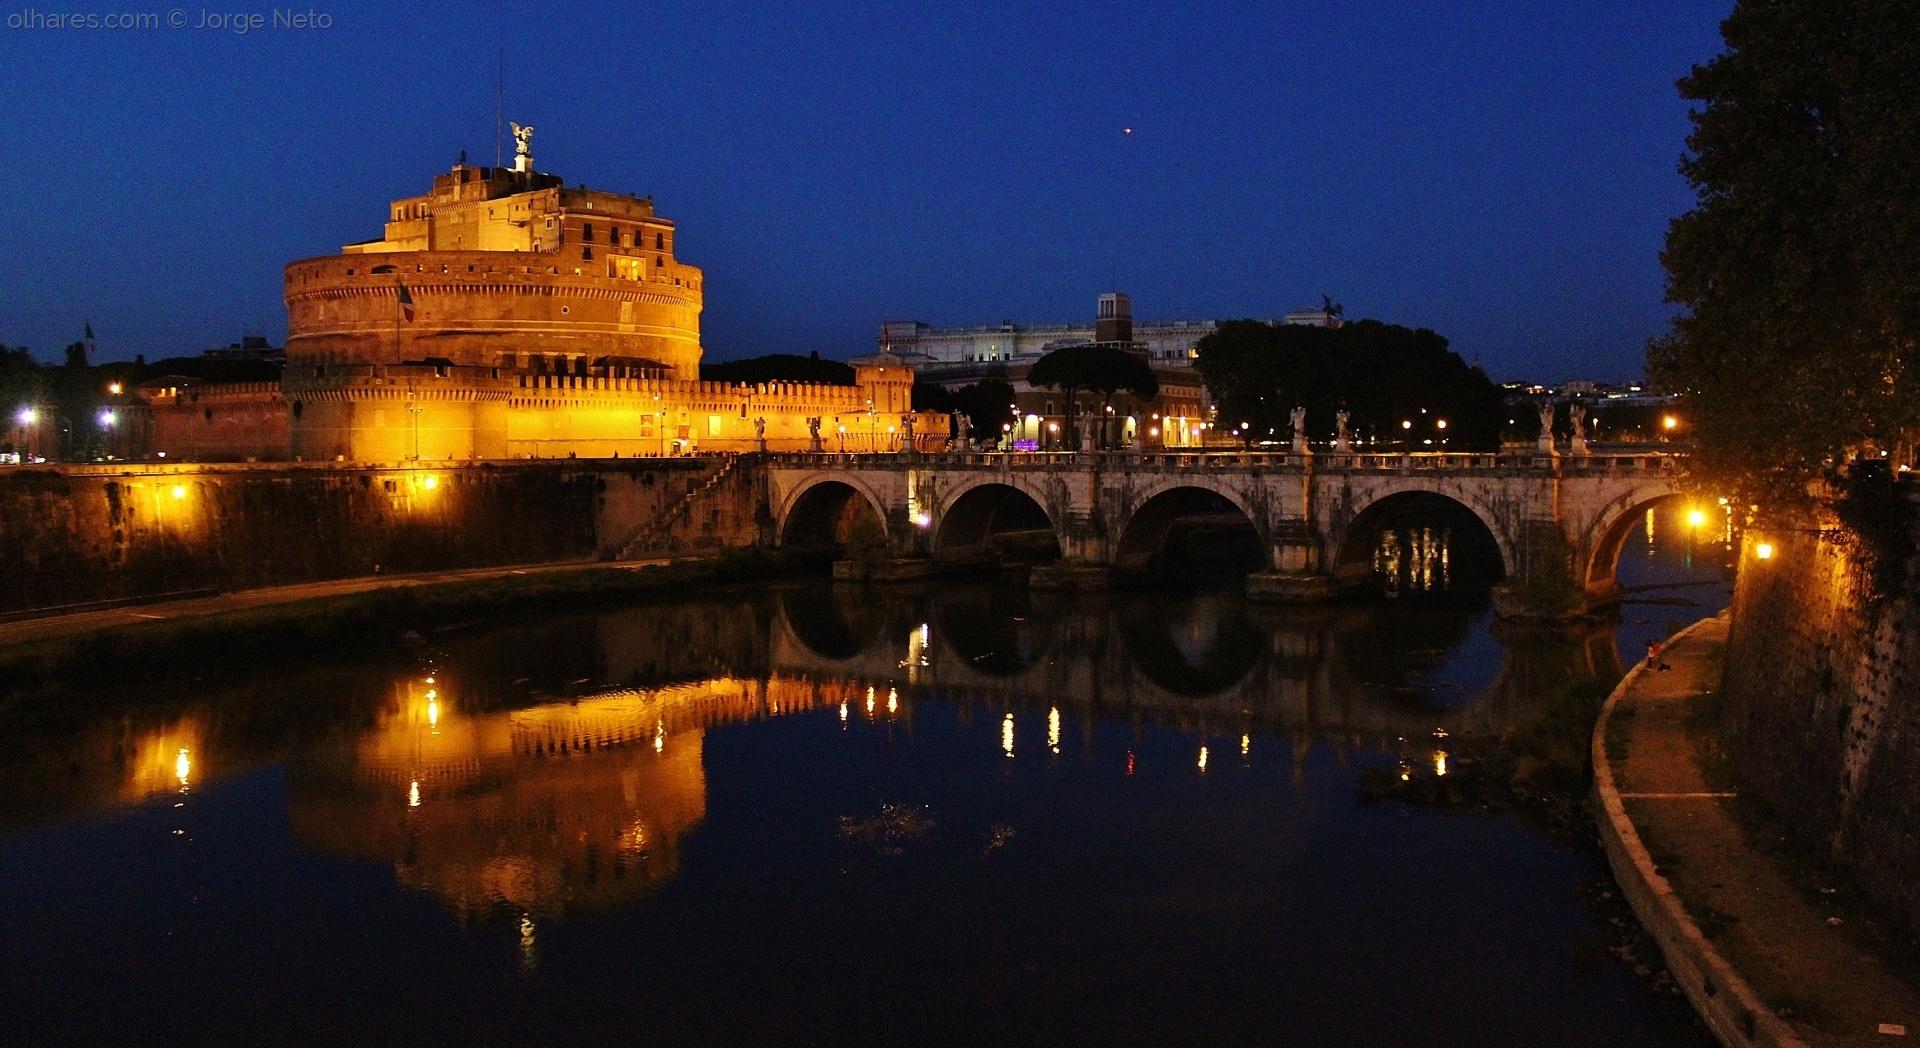 História/Castel Sant'Angelo à Noite